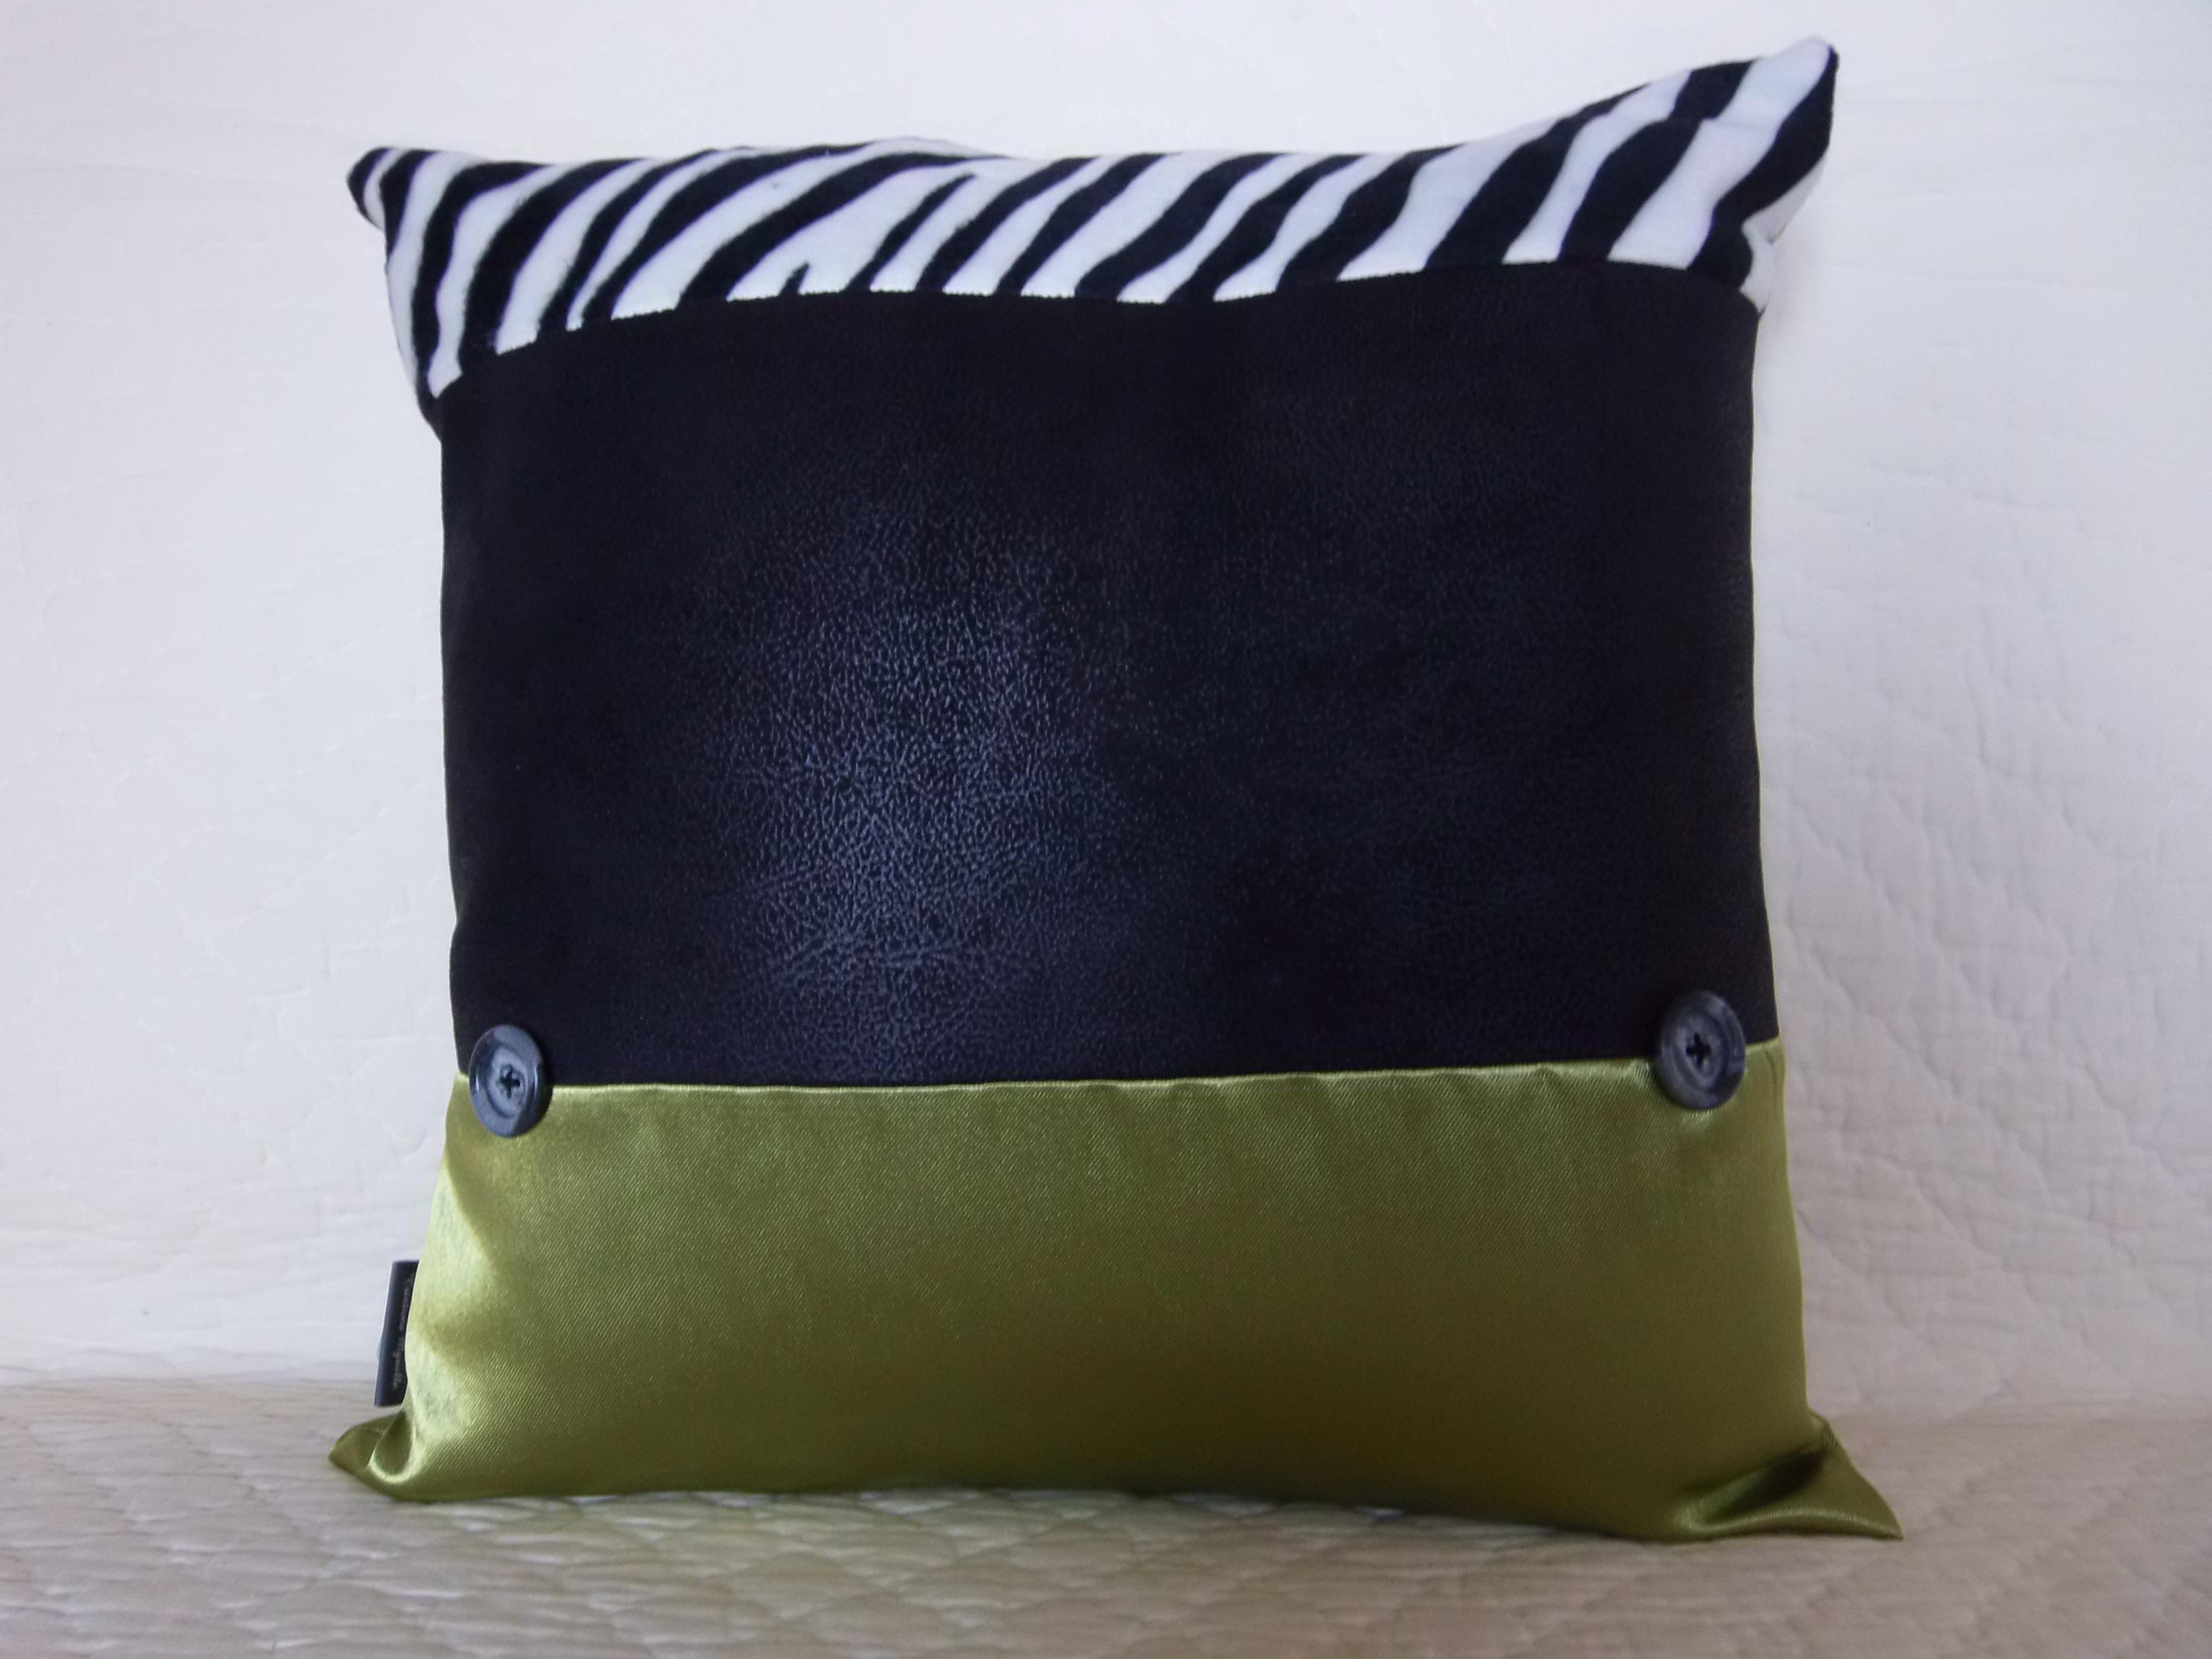 coussin boutons patchwork 40x40 mod le parietaria maison et deco textiles tapis par 22atelier27. Black Bedroom Furniture Sets. Home Design Ideas